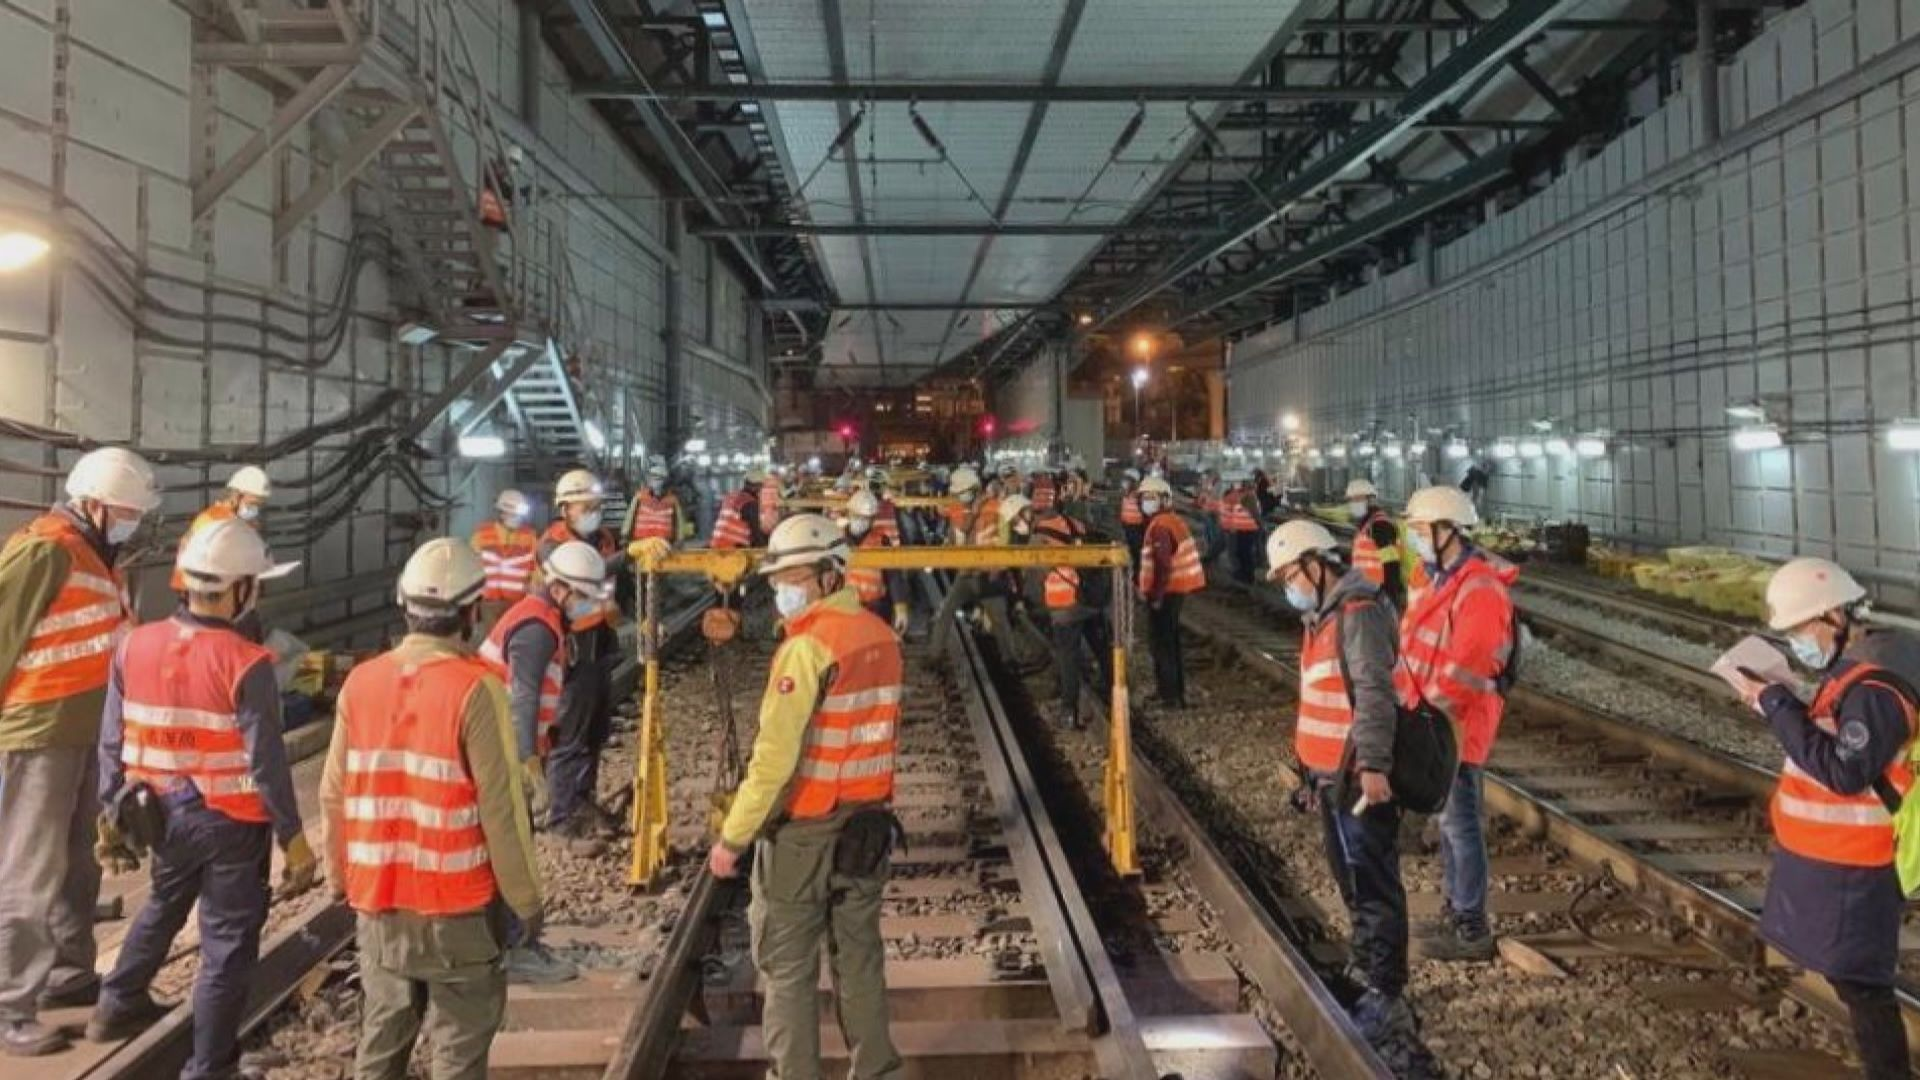 港鐵:路軌接駁工程大致按計劃進行中